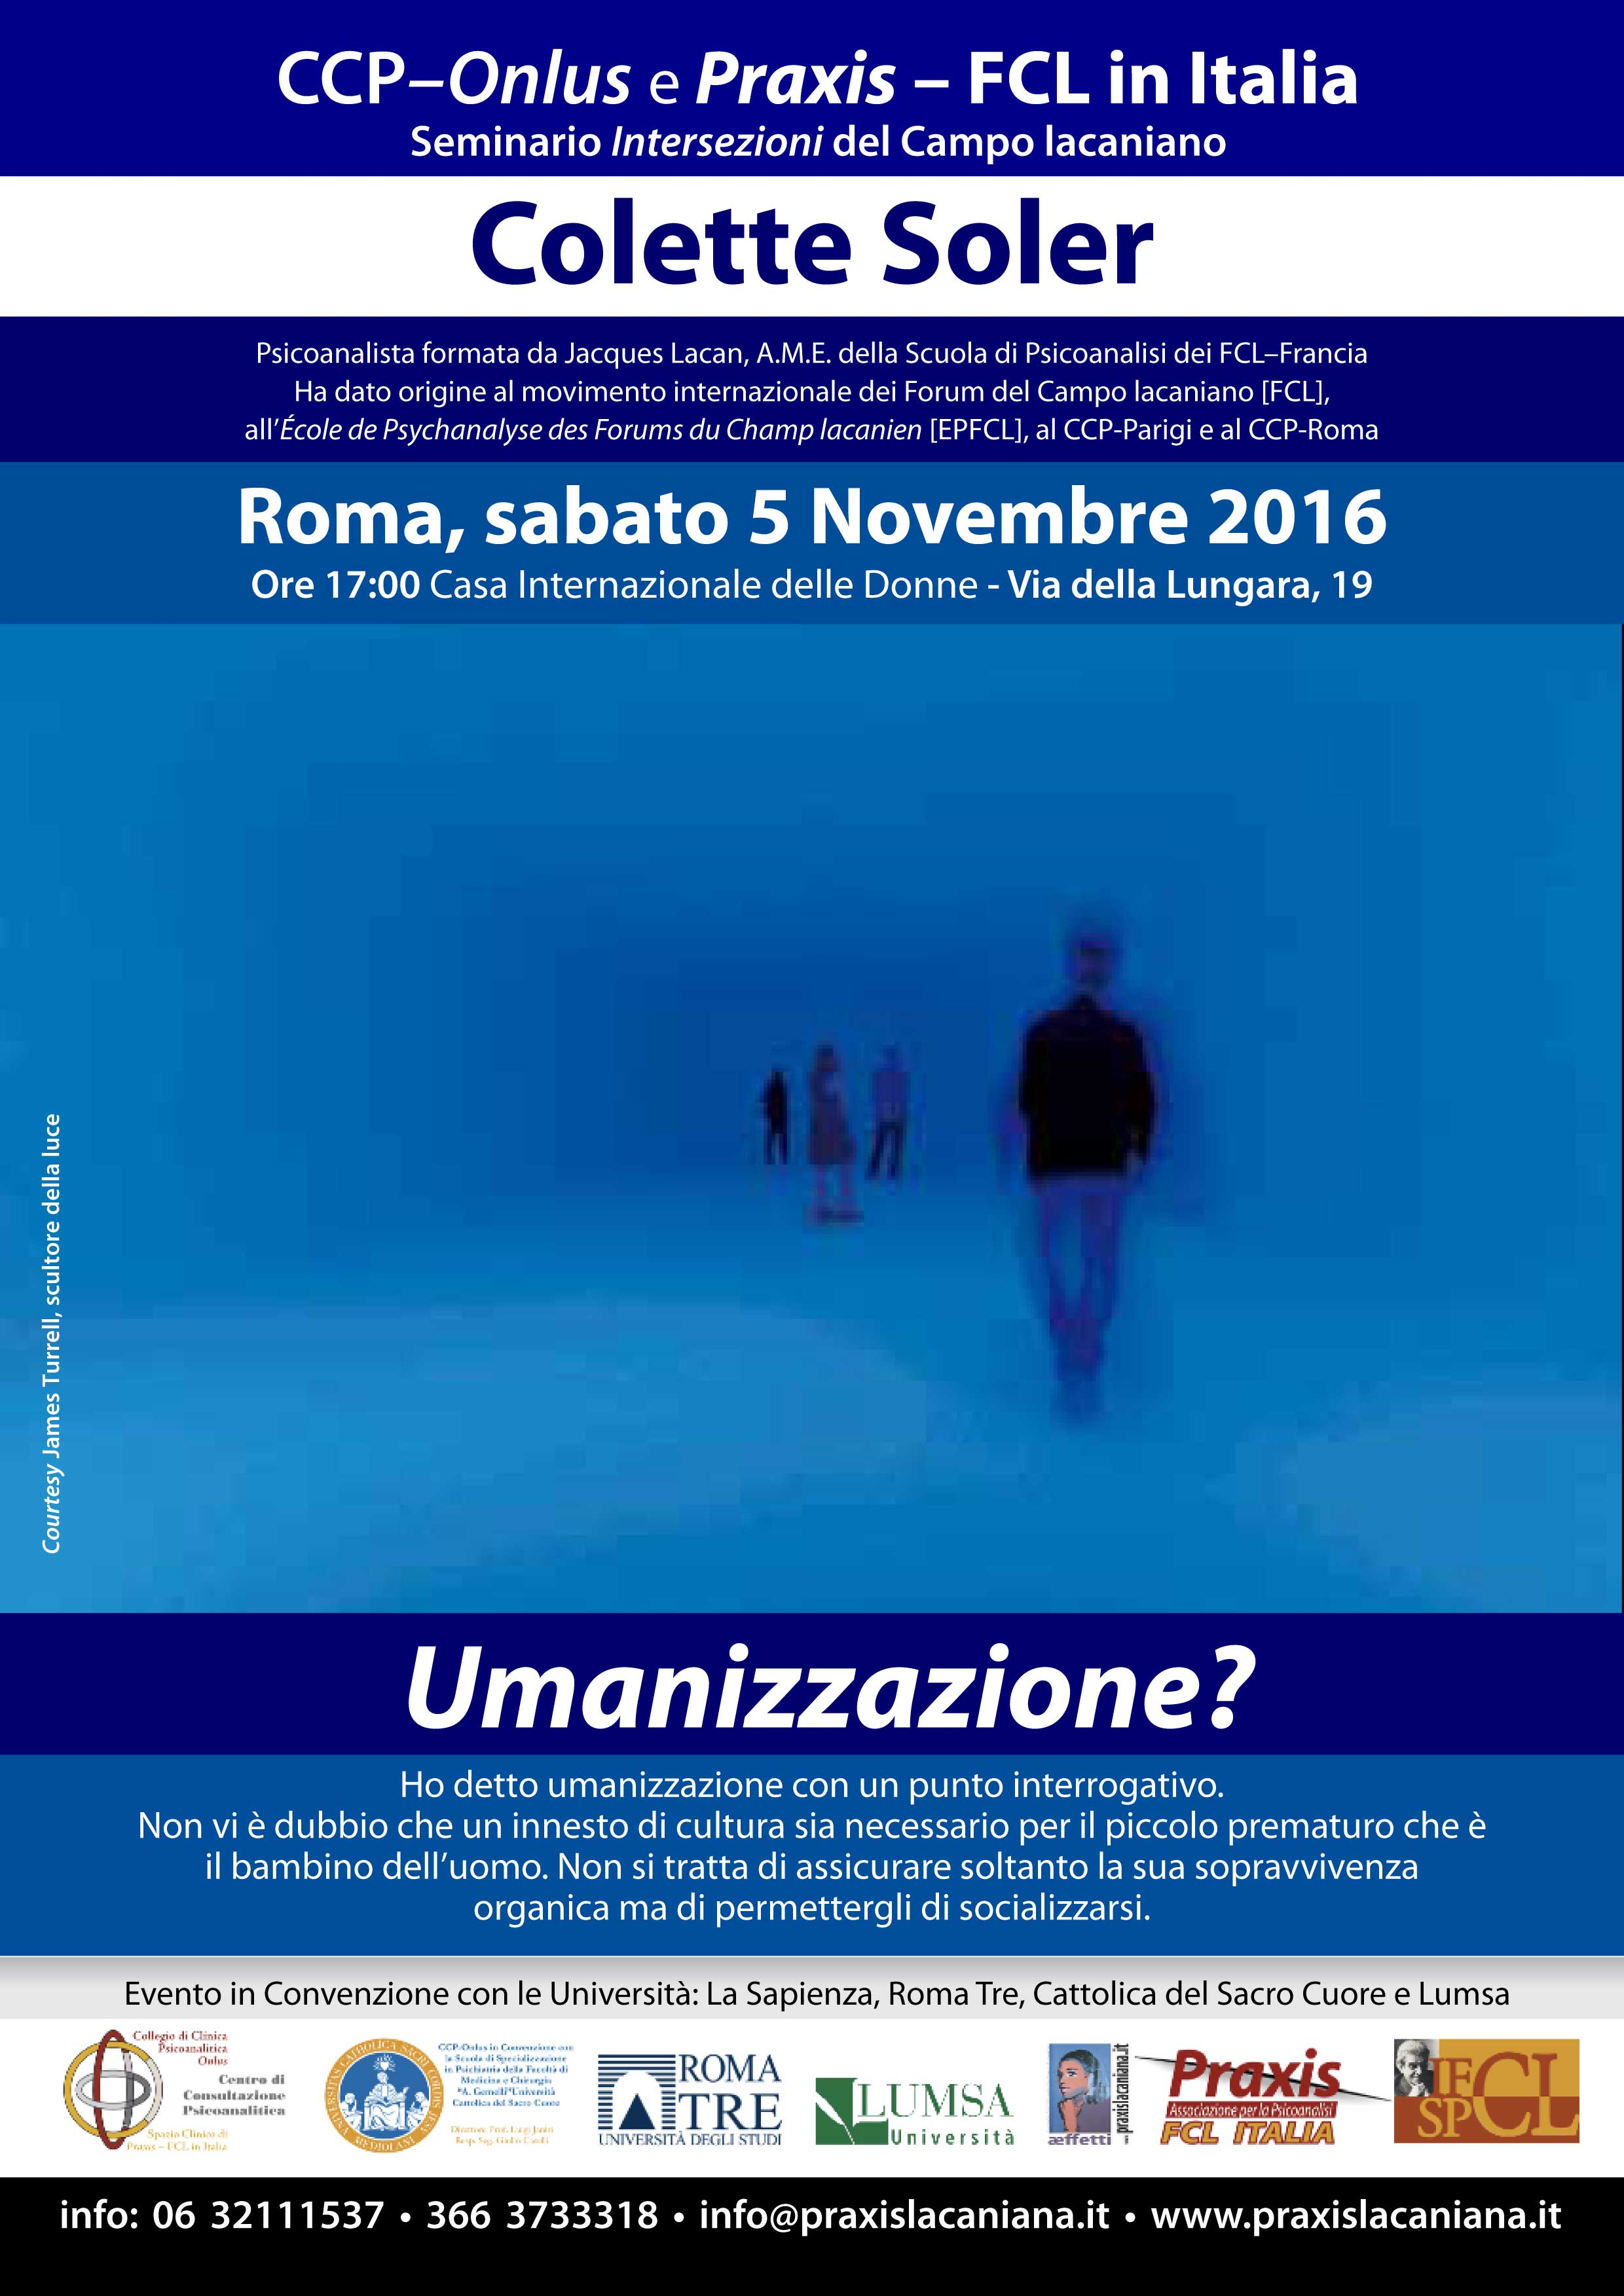 manifesto-umanizzazione-qp12-1